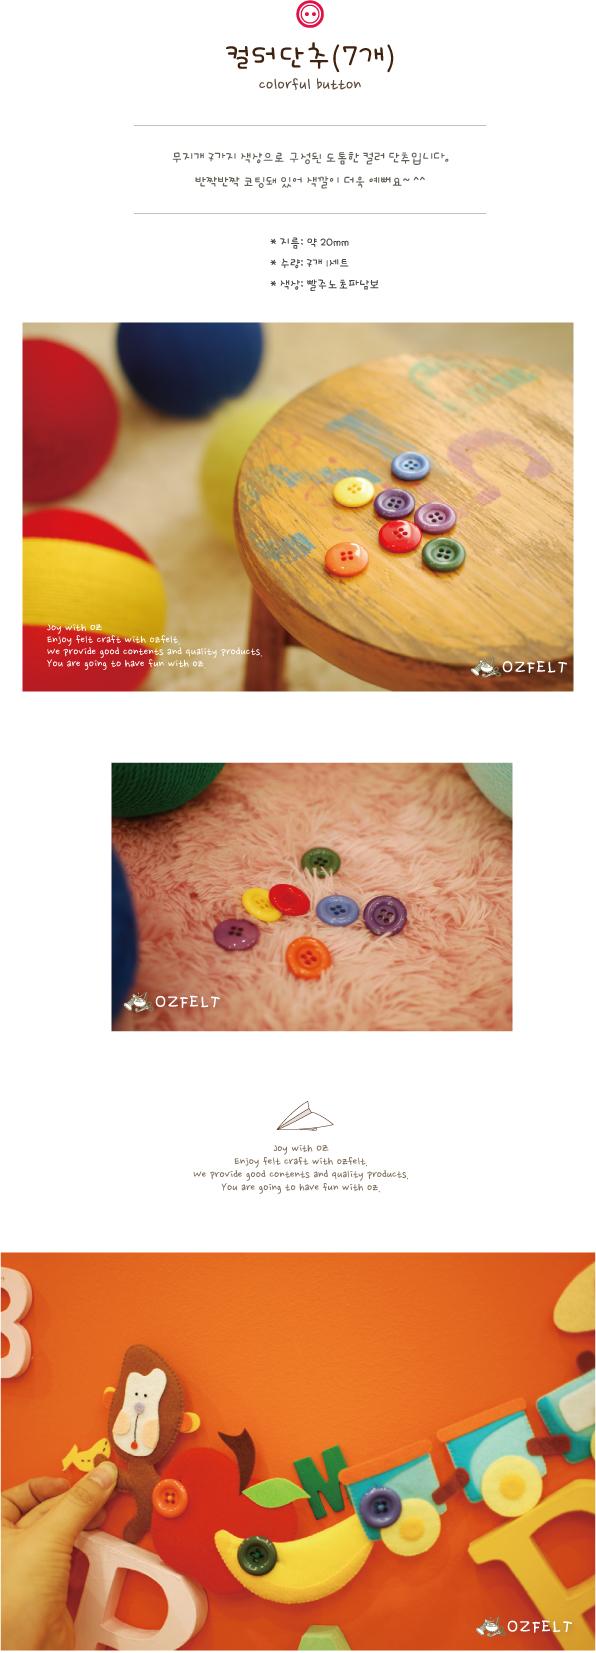 [오즈펠트] 컬러단추 7개세트(20mm)1,400원-오즈펠트키덜트/취미, 핸드메이드/DIY, 펠트공예, 펠트실/바늘바보사랑[오즈펠트] 컬러단추 7개세트(20mm)1,400원-오즈펠트키덜트/취미, 핸드메이드/DIY, 펠트공예, 펠트실/바늘바보사랑